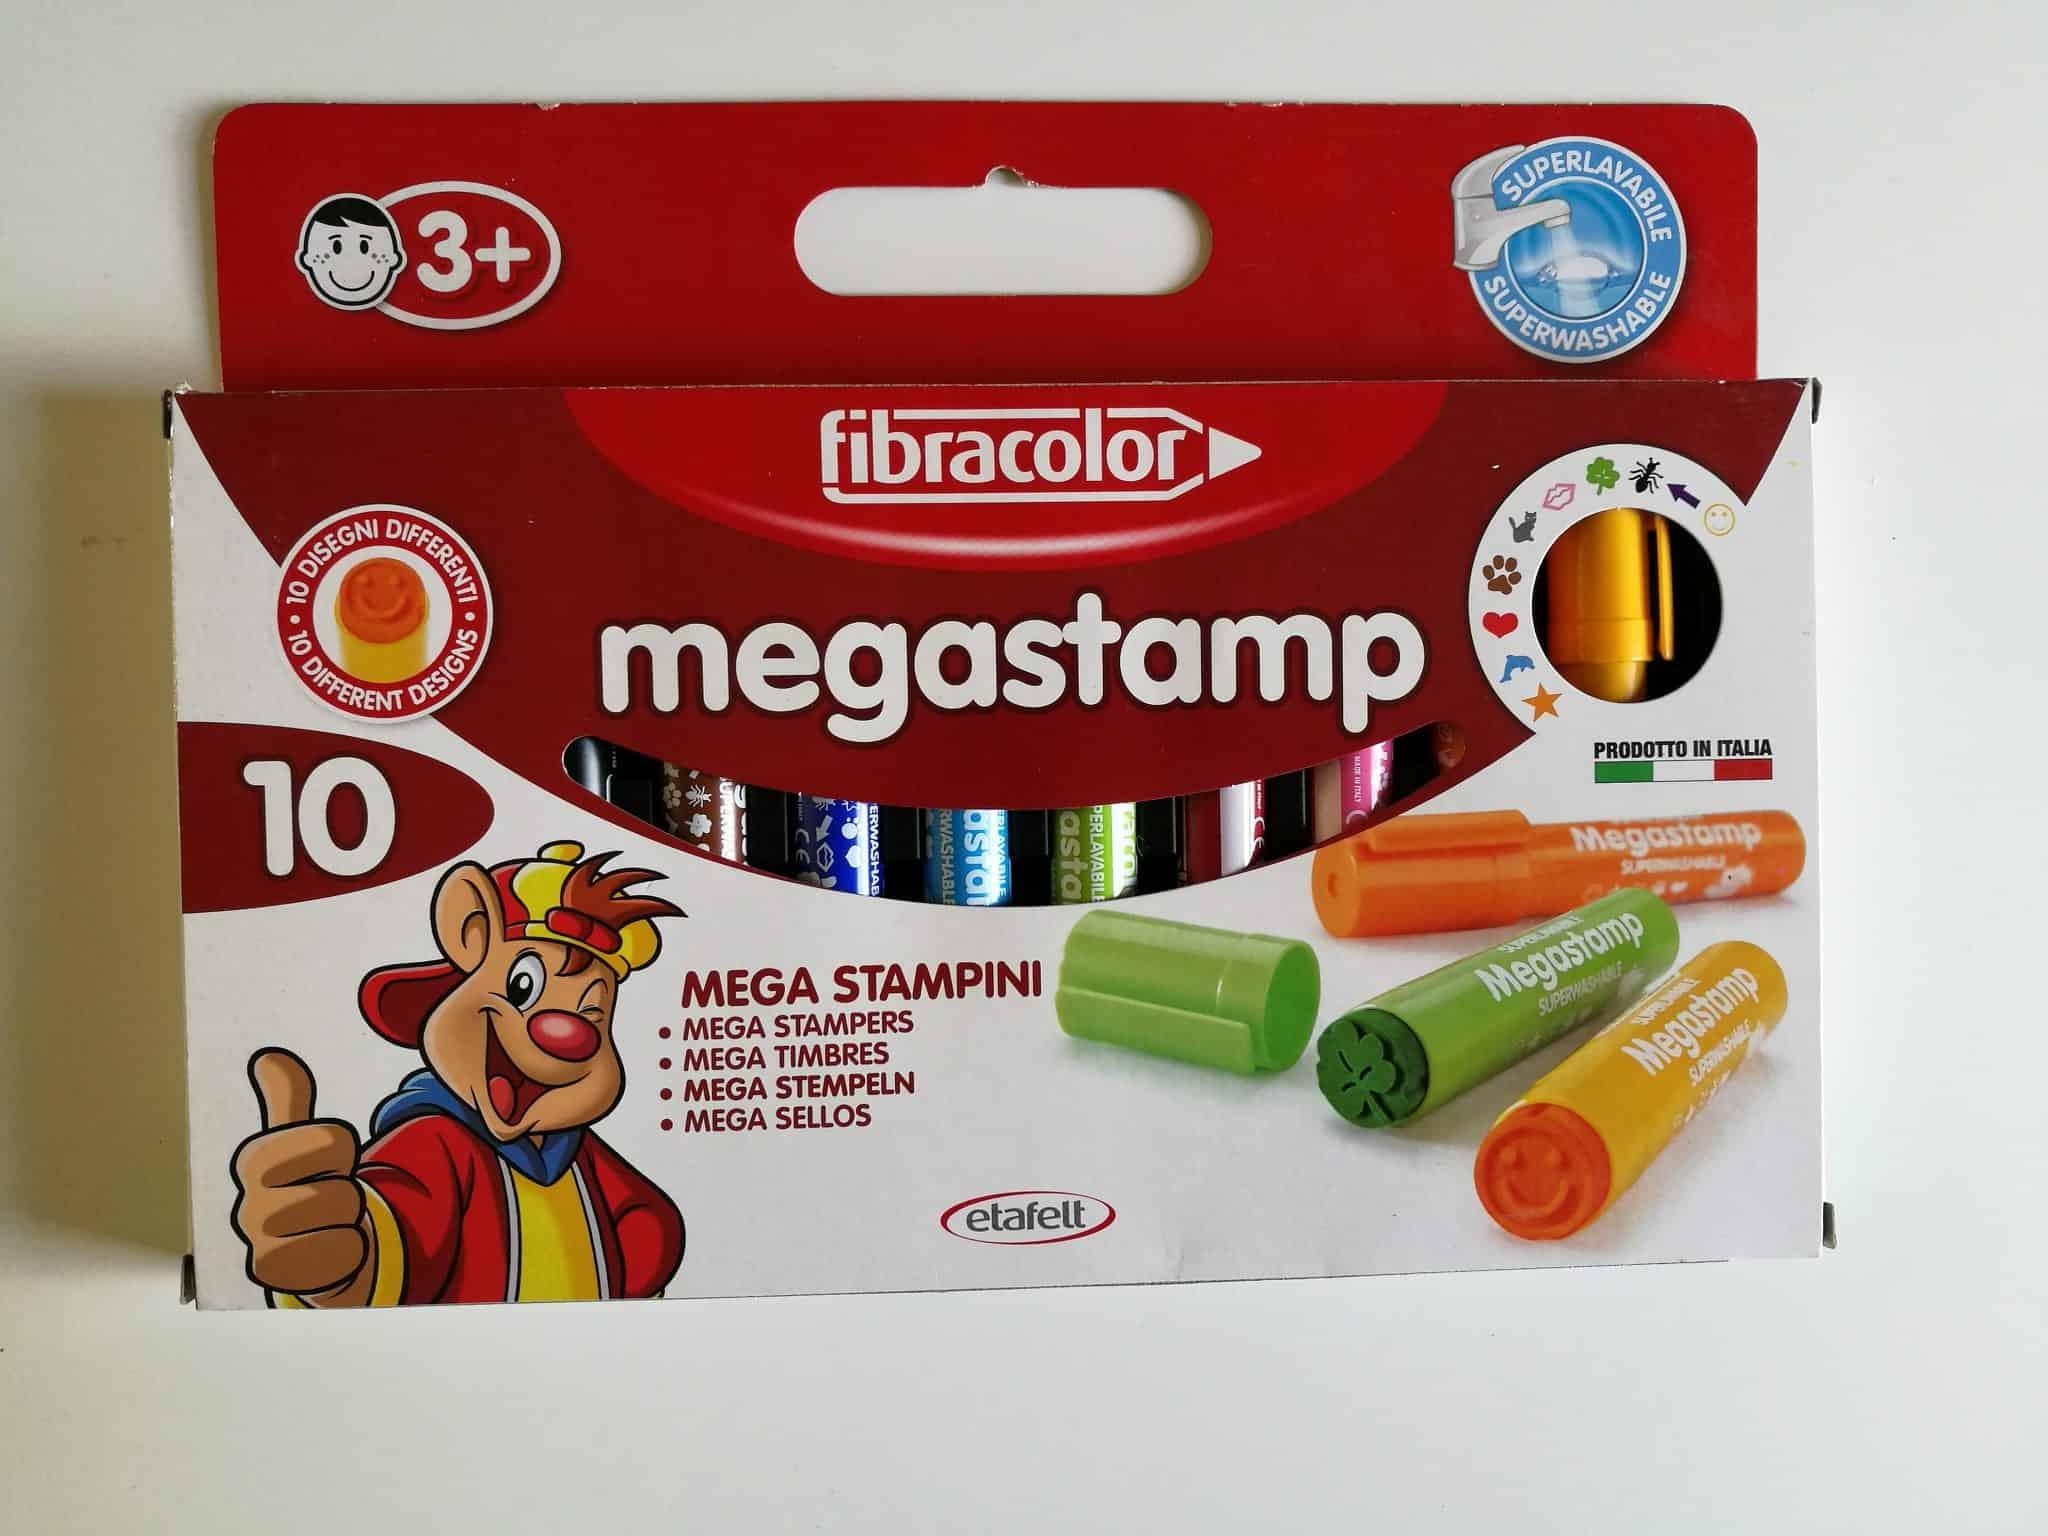 Megastamps